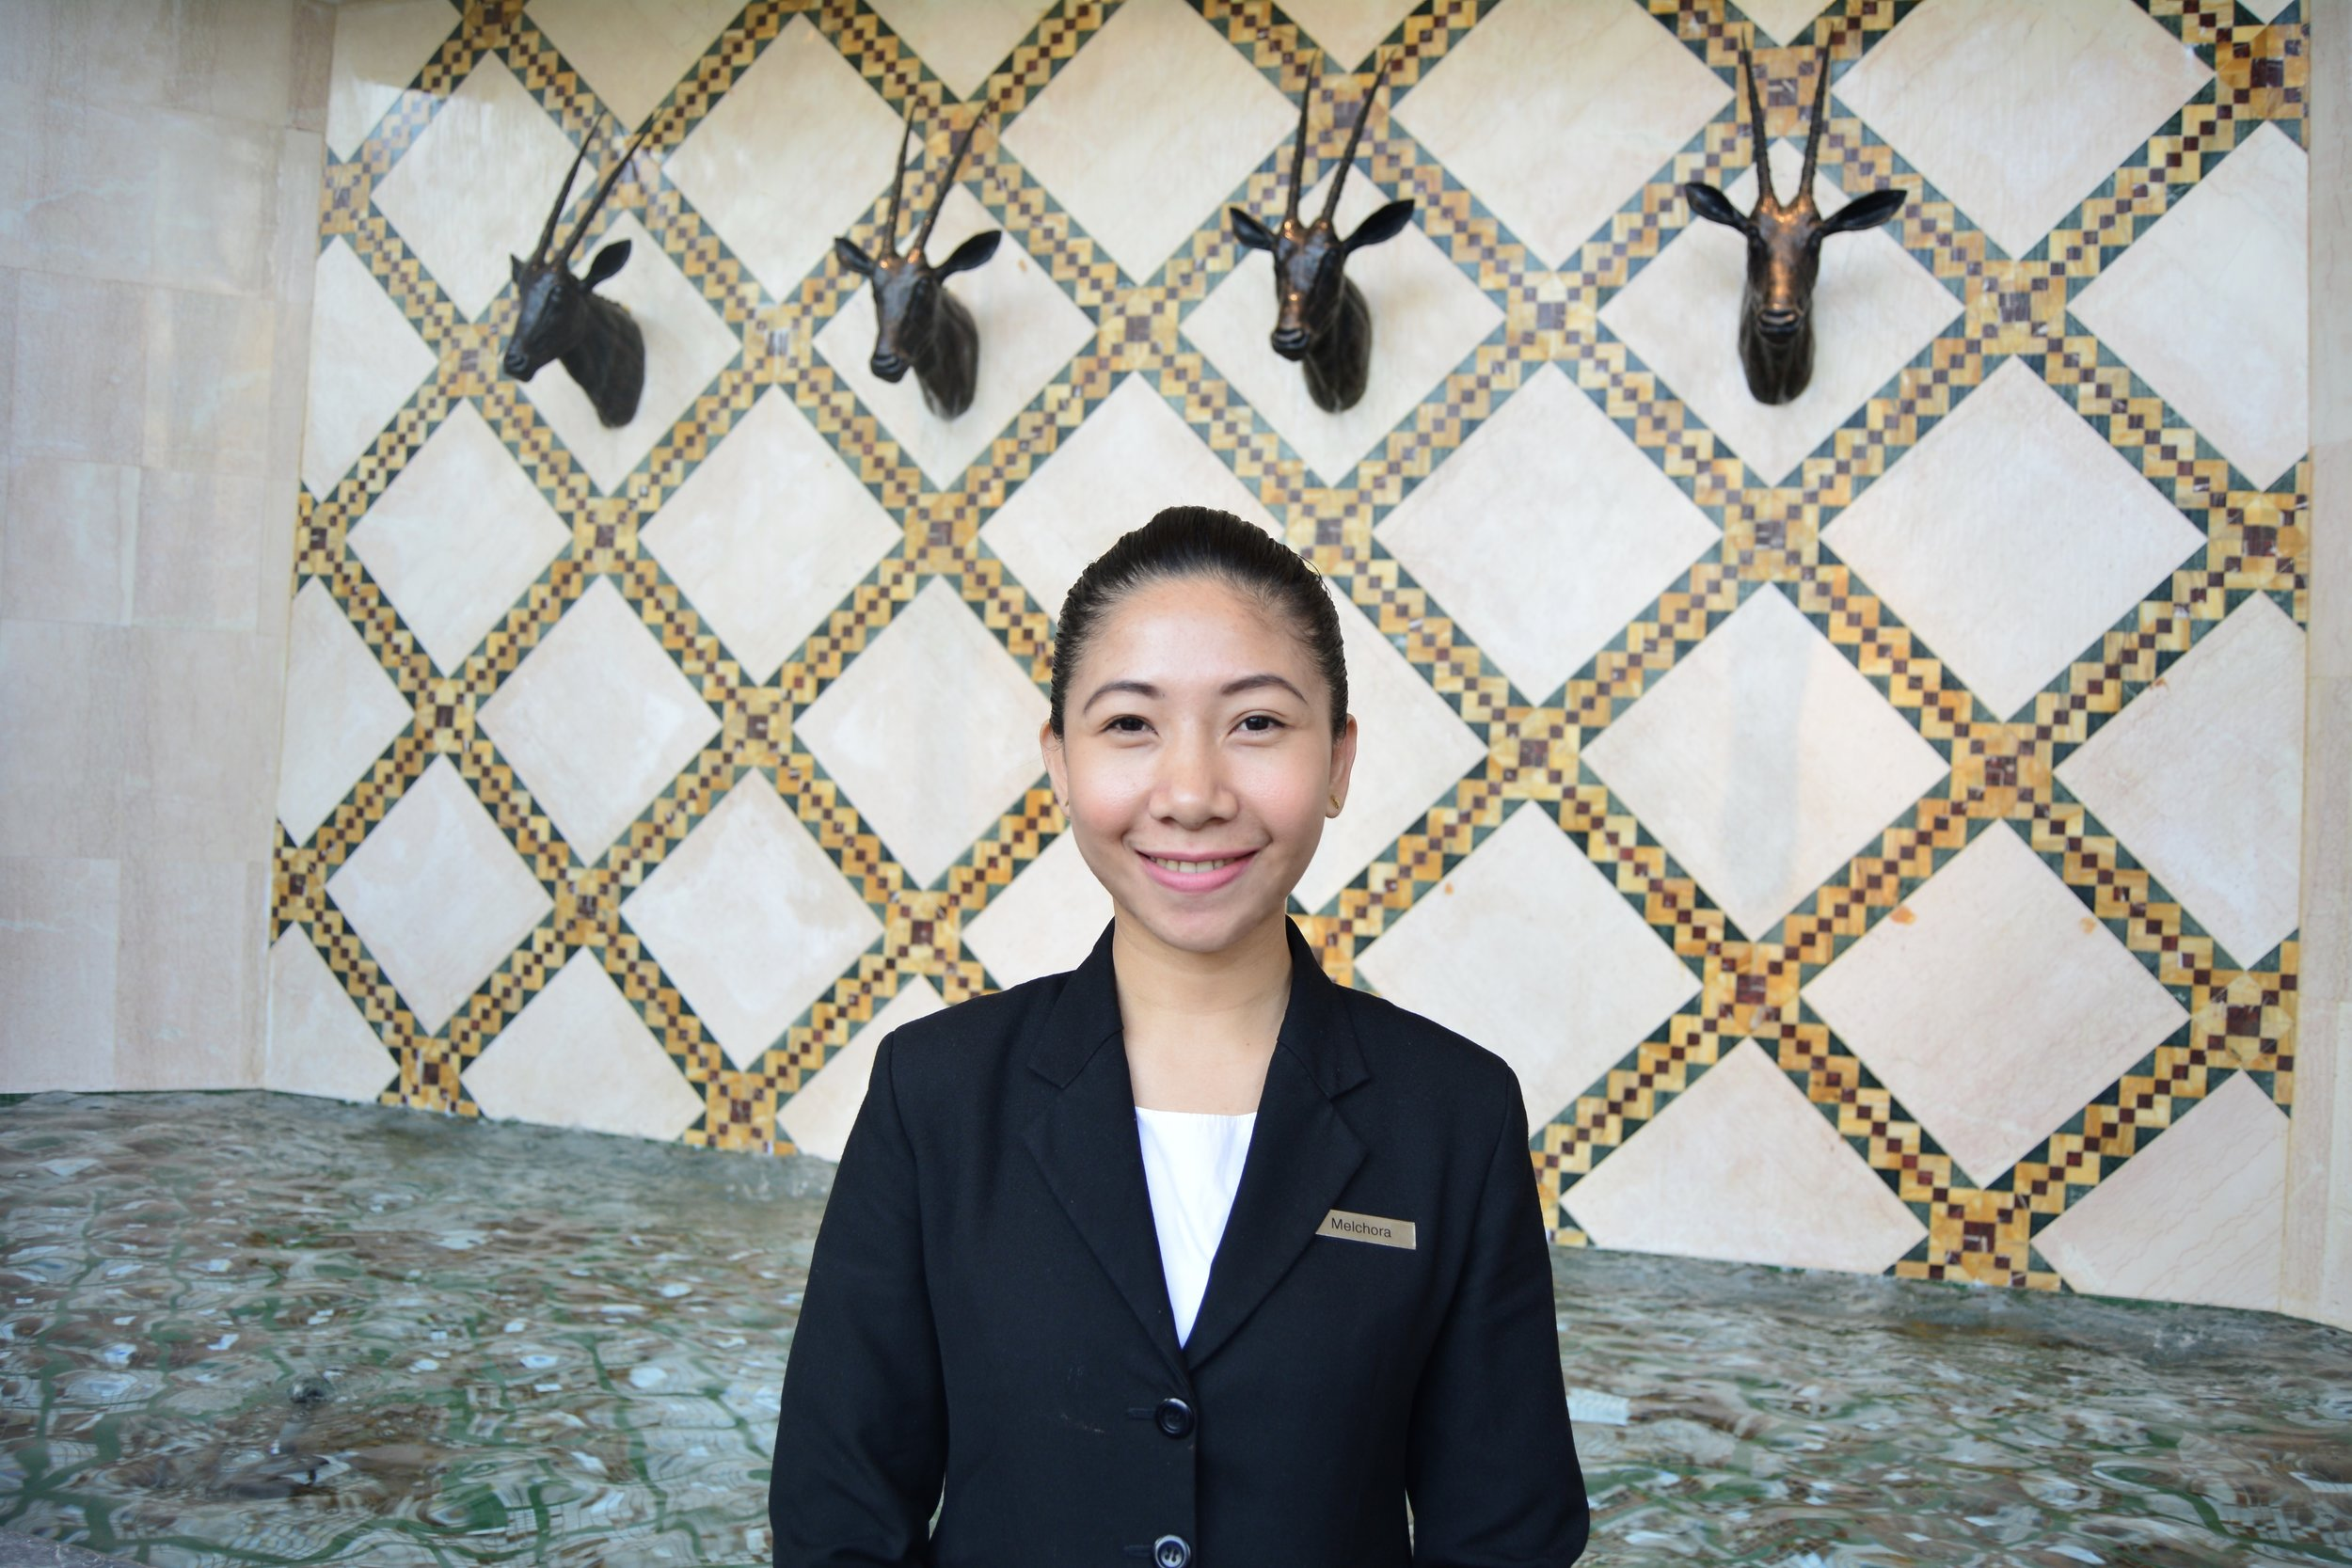 Ms. Melchora - Mokha Cafe Manager